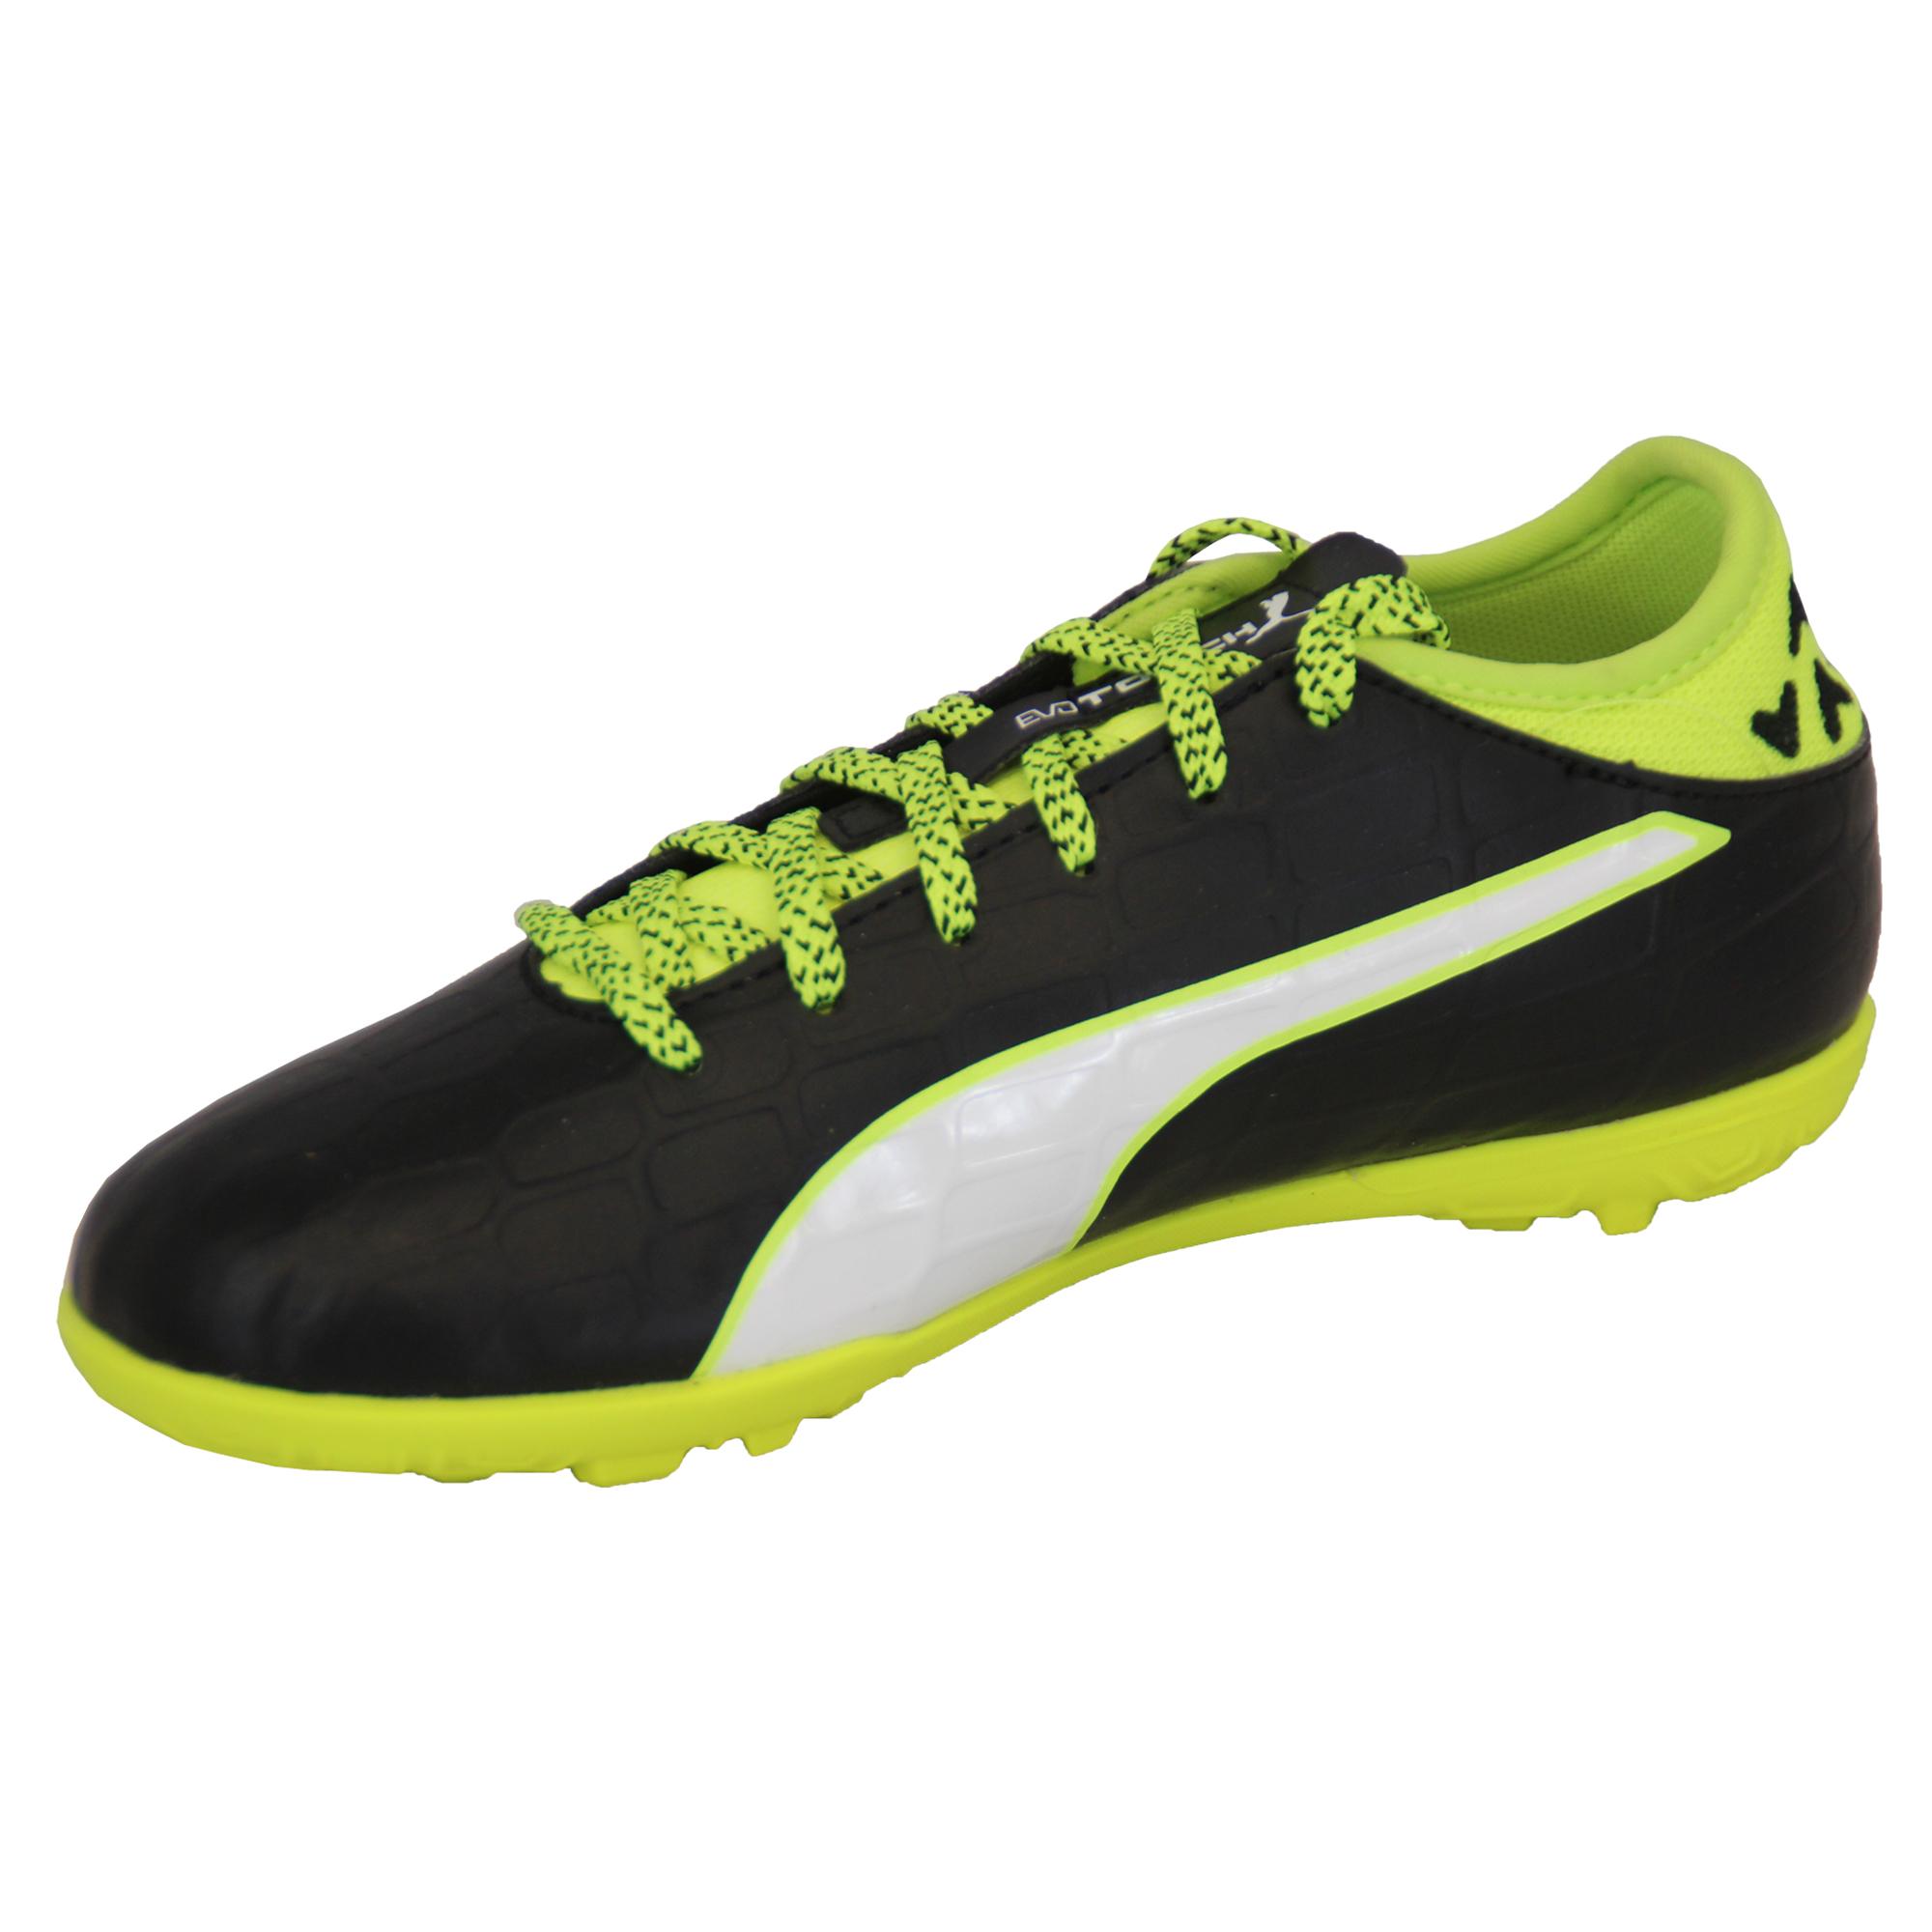 Ragazzi-Calcio-Scarpe-da-ginnastica-Puma-Bambini-Astro-Turf-Evo-Touch-Power-Stivali-Scarpe-Sportive miniatura 3